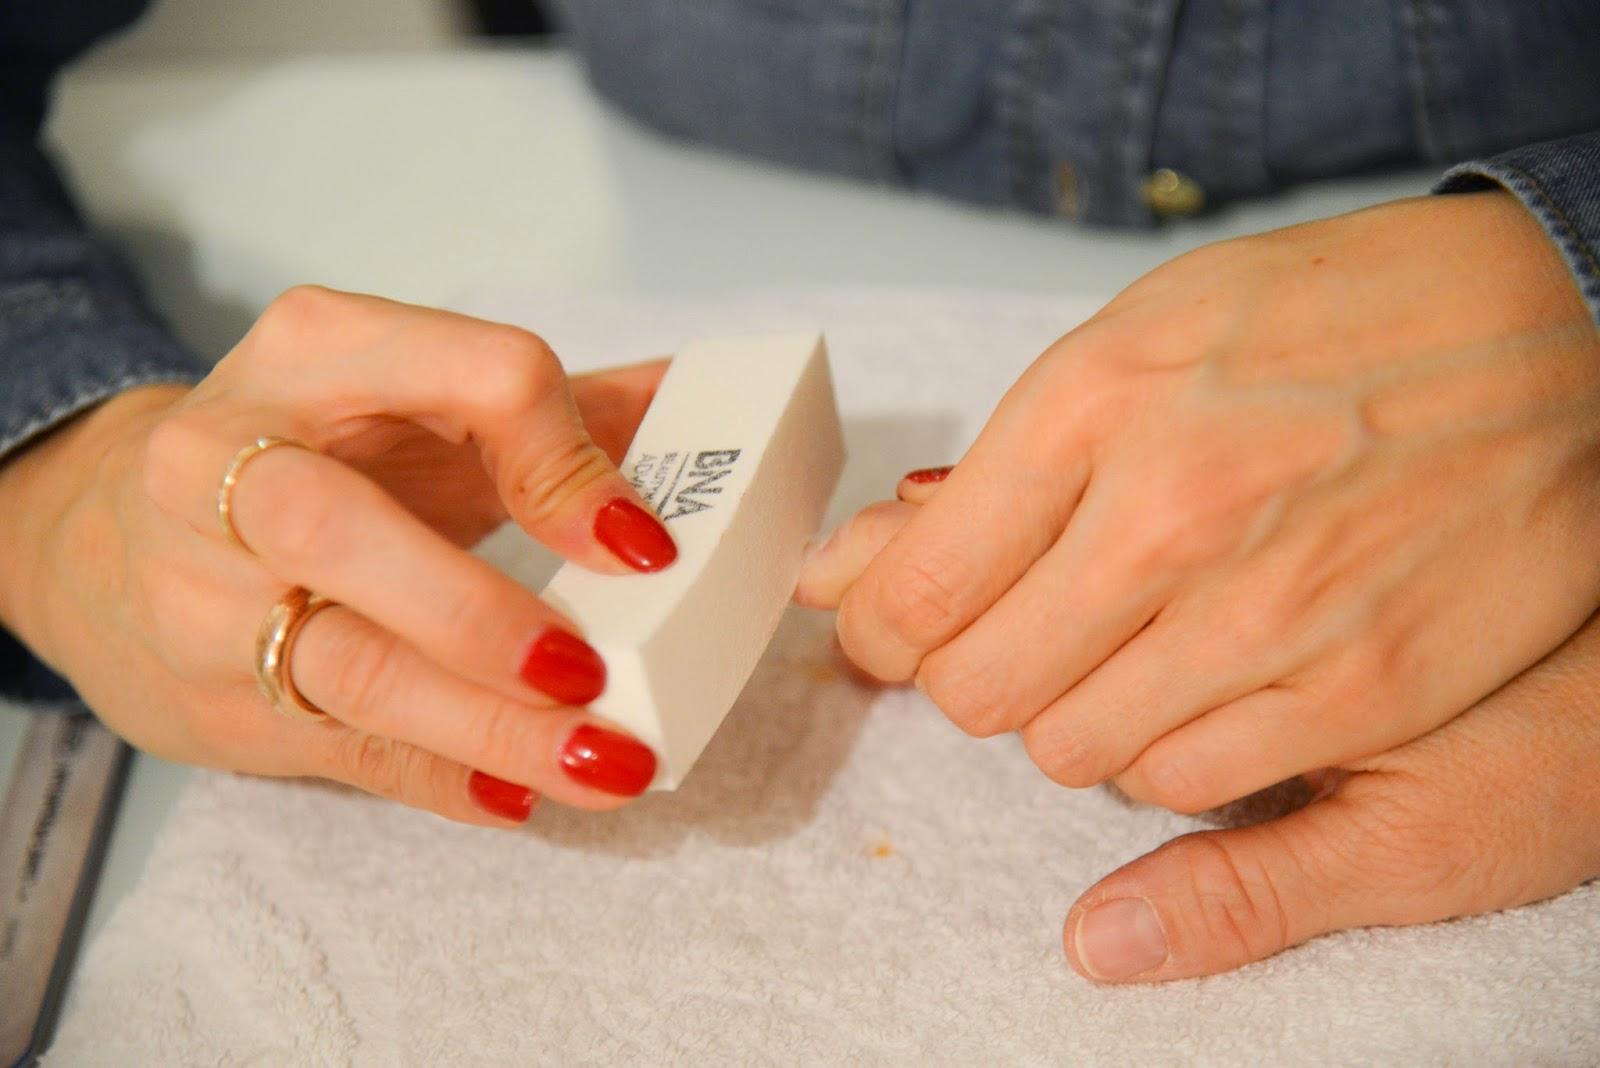 strass layette tutoriel pour la pose de vernis semi permanent. Black Bedroom Furniture Sets. Home Design Ideas